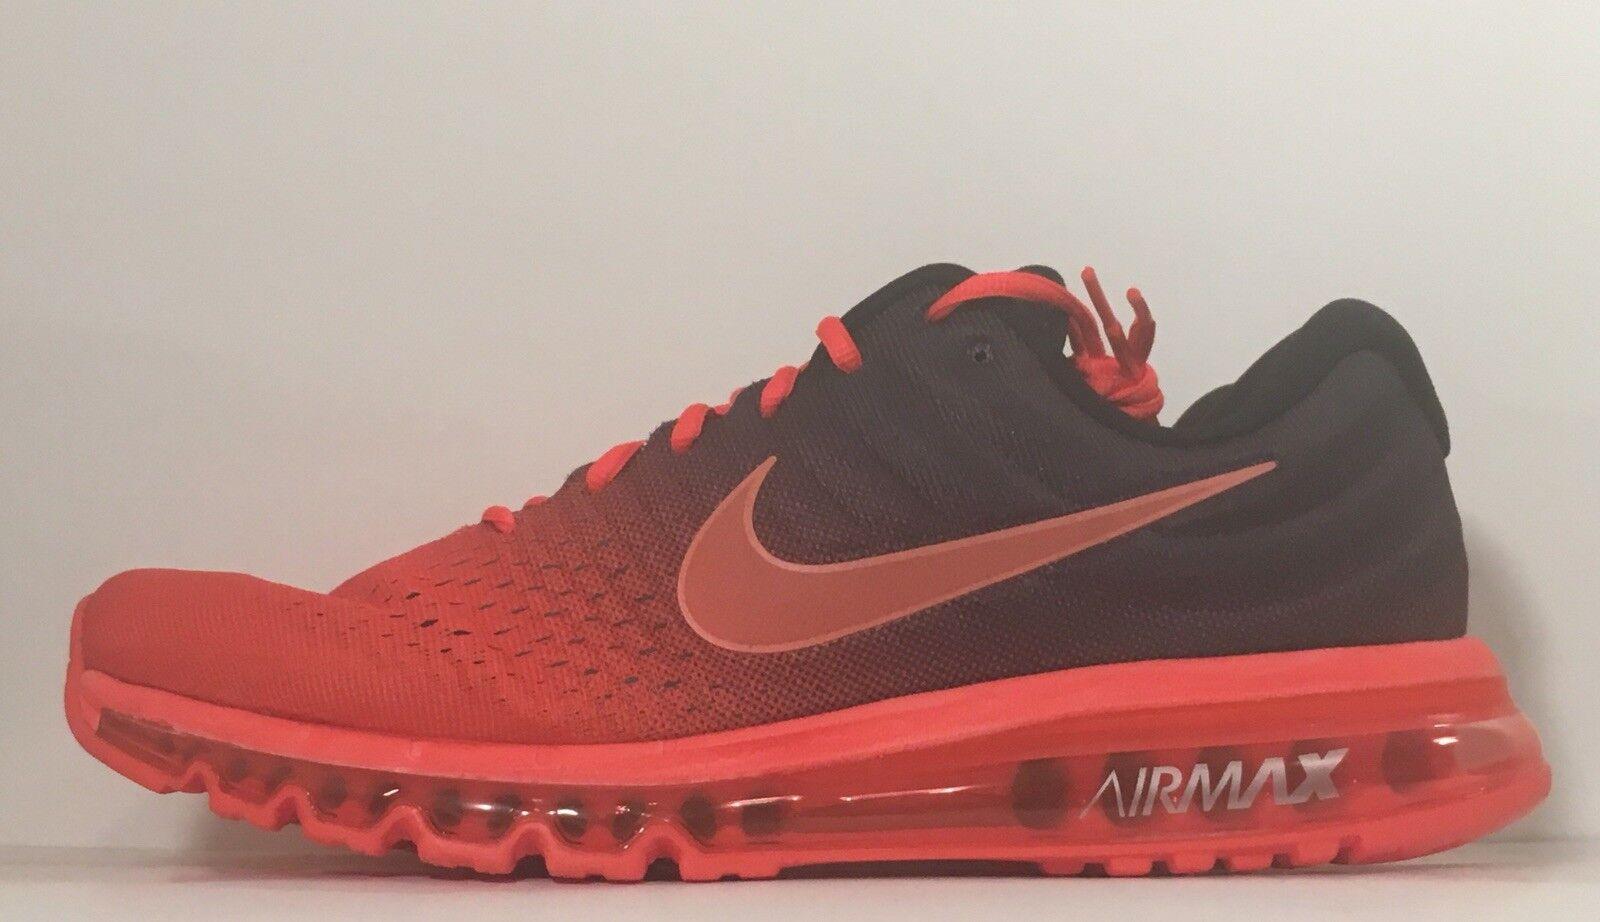 SZ.14 Mens Nike Air Max 2017 849559-600 BrightCrimson